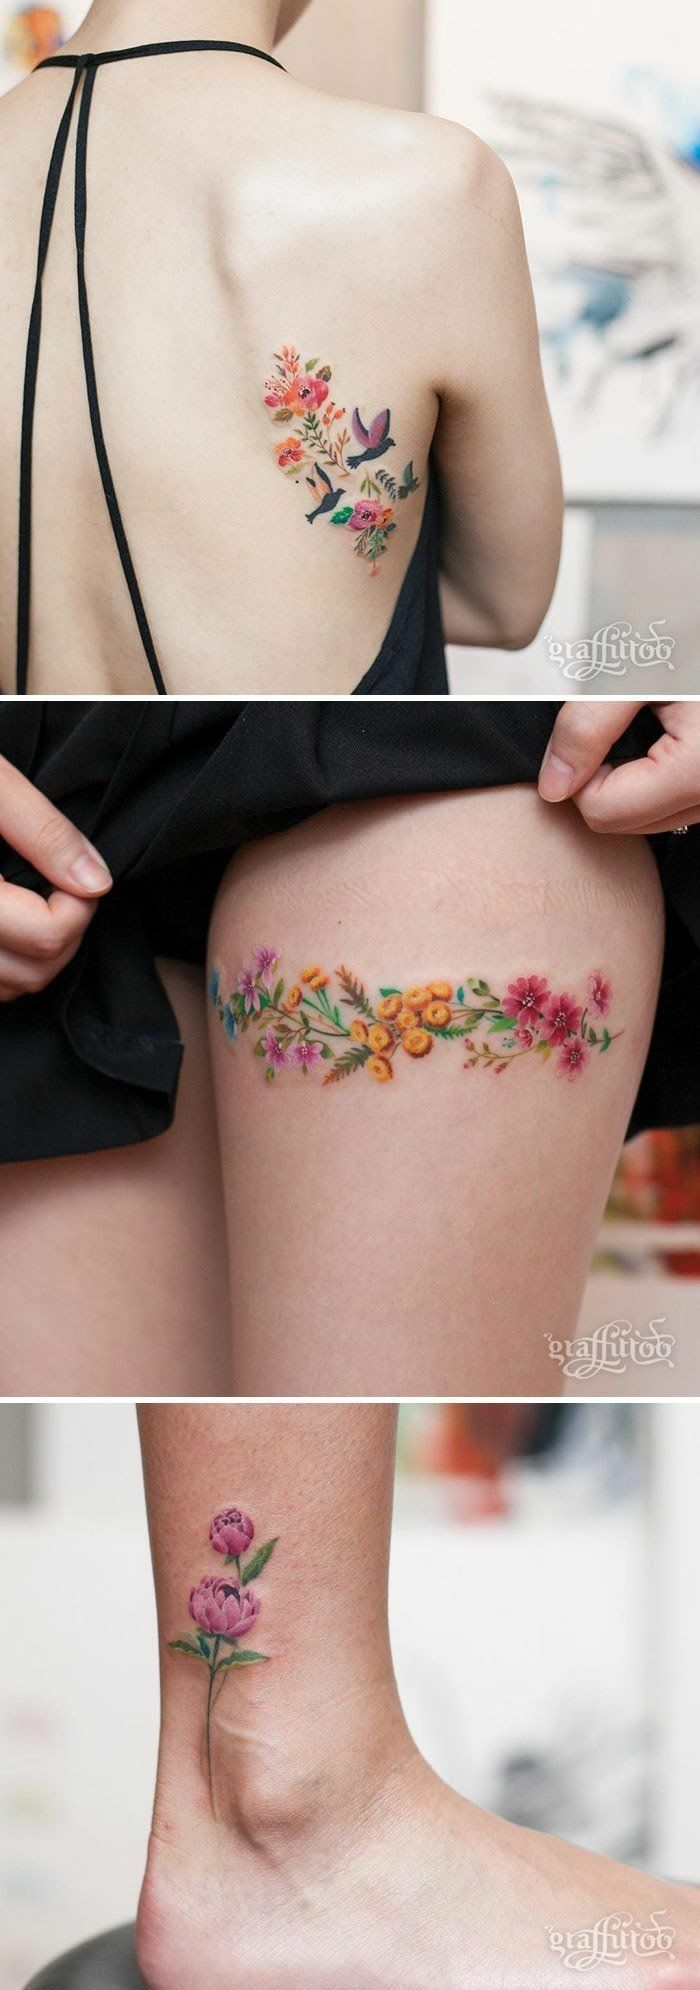 Las 14 Mejores Imágenes De Tatuajes En La Cadera De Flor En 2018